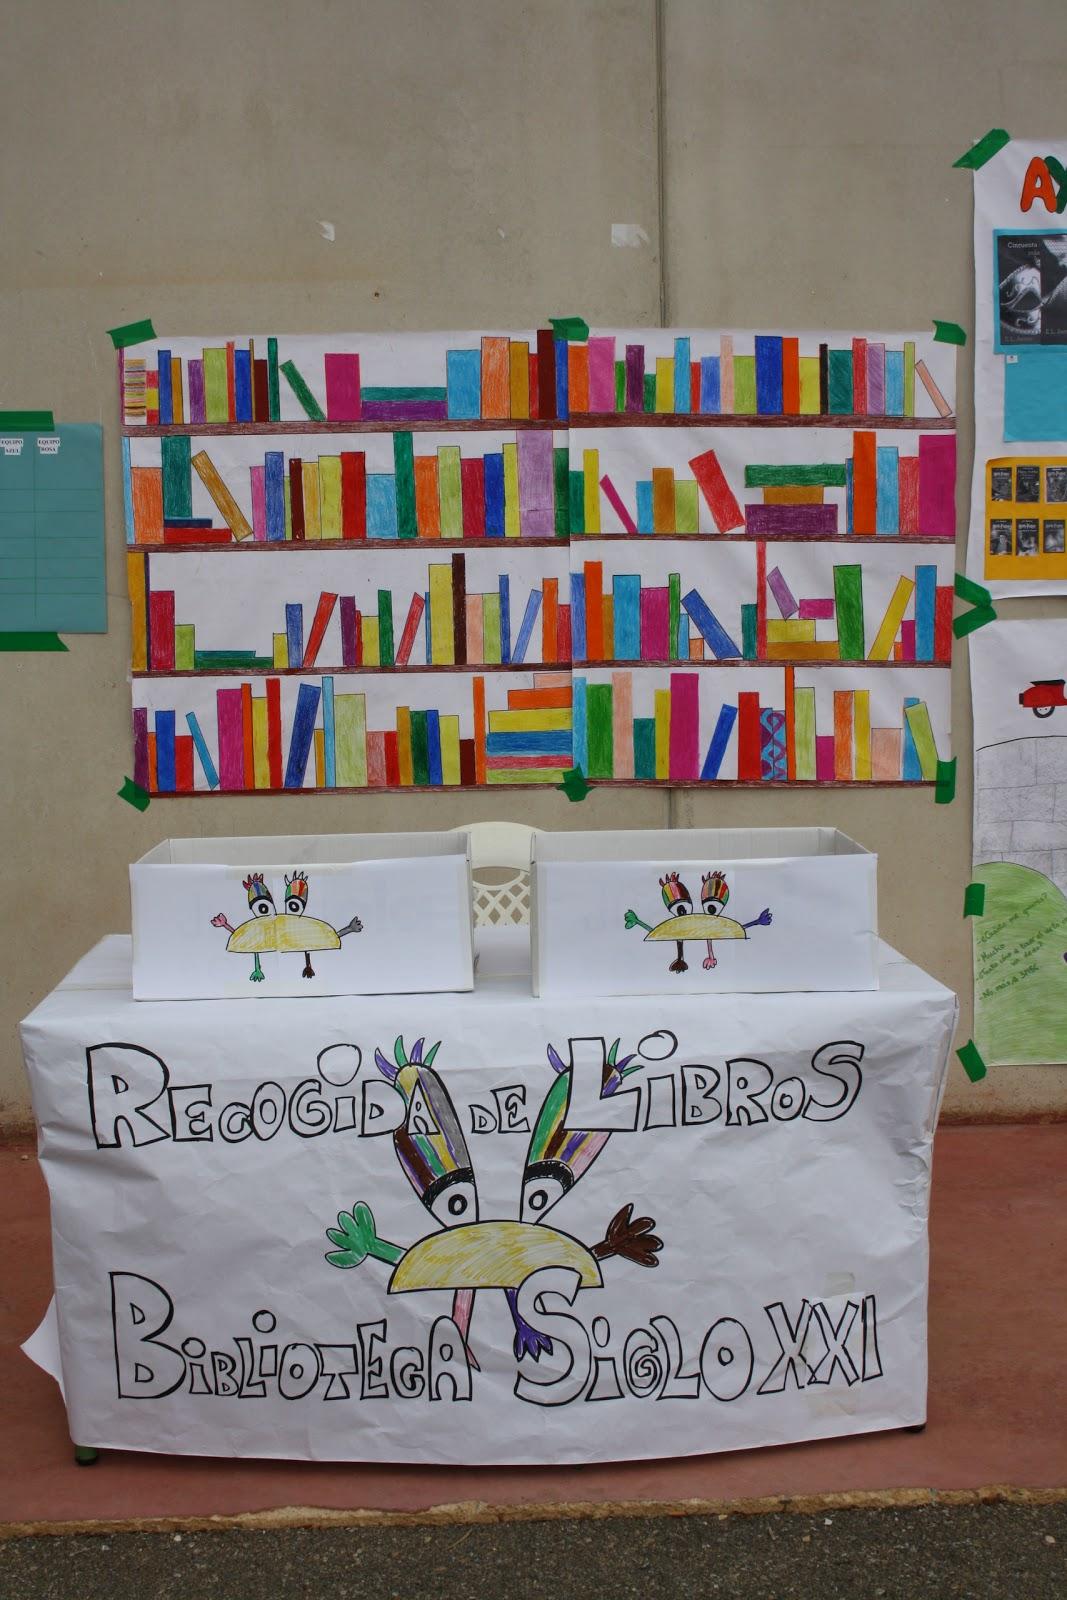 La biblioteca organiza una recogida de libros de segunda for Puertas decoradas para el dia del libro